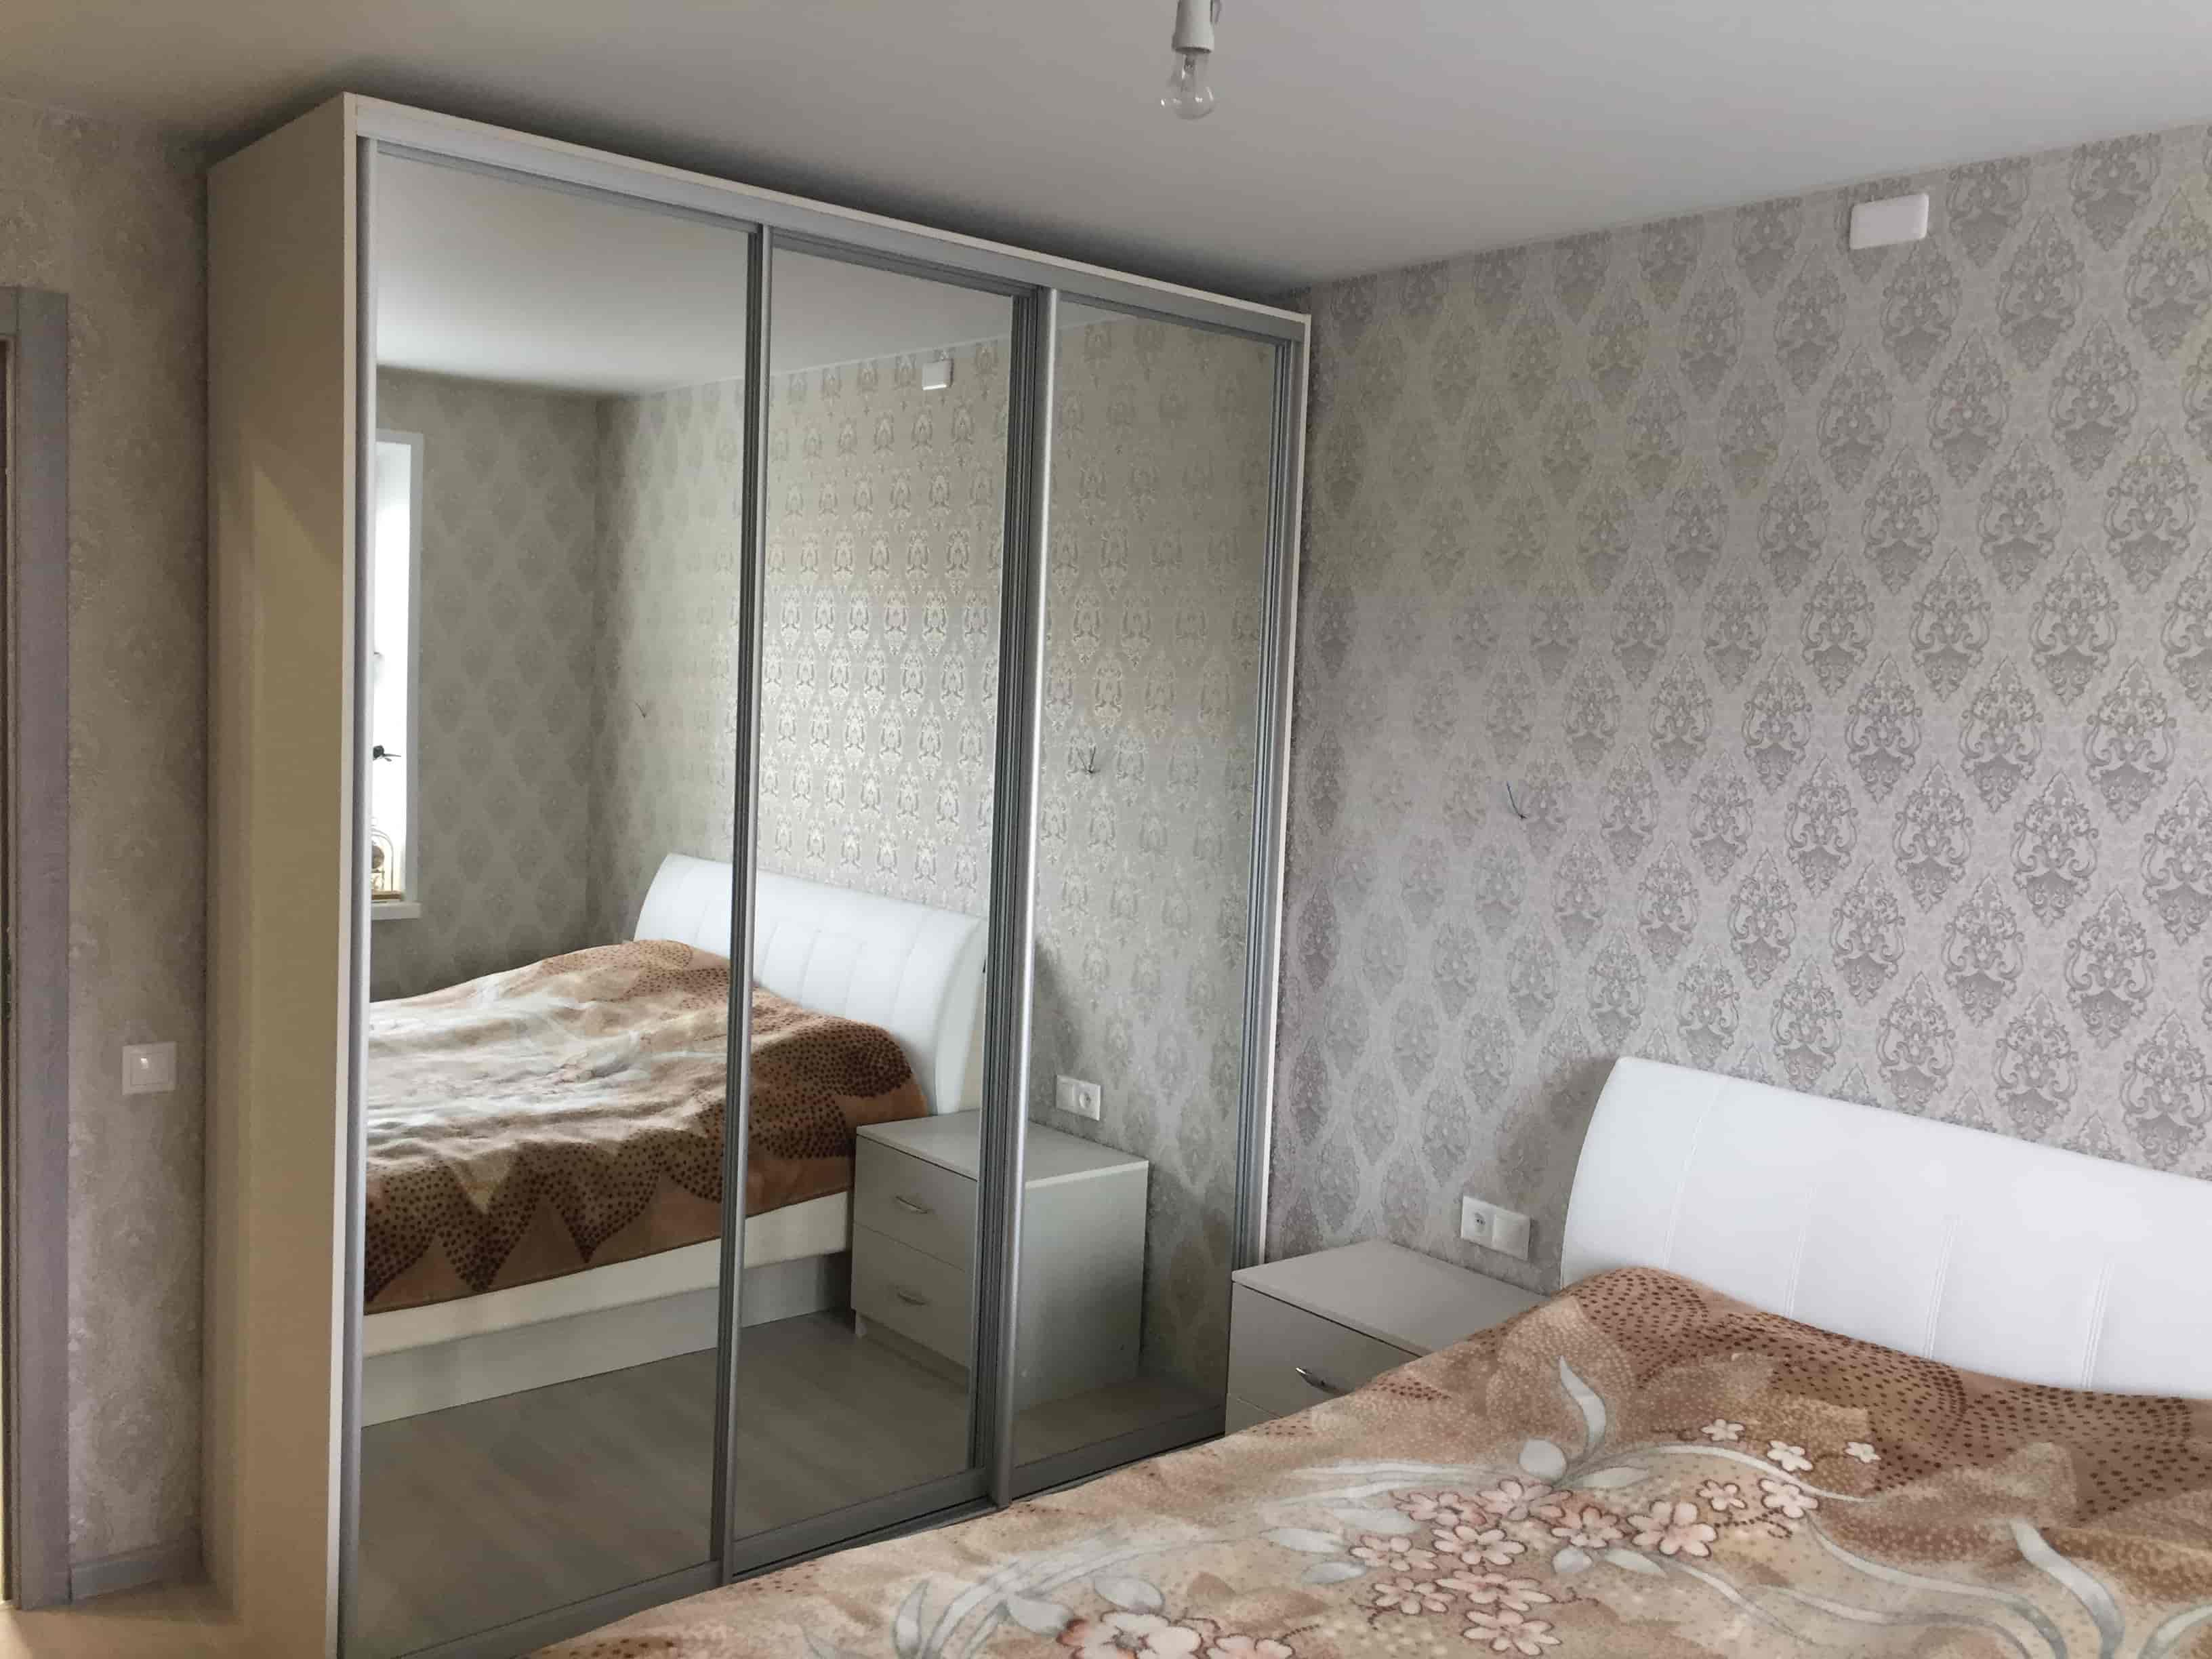 Шкаф-купе в спальню и прикроватные тумбы